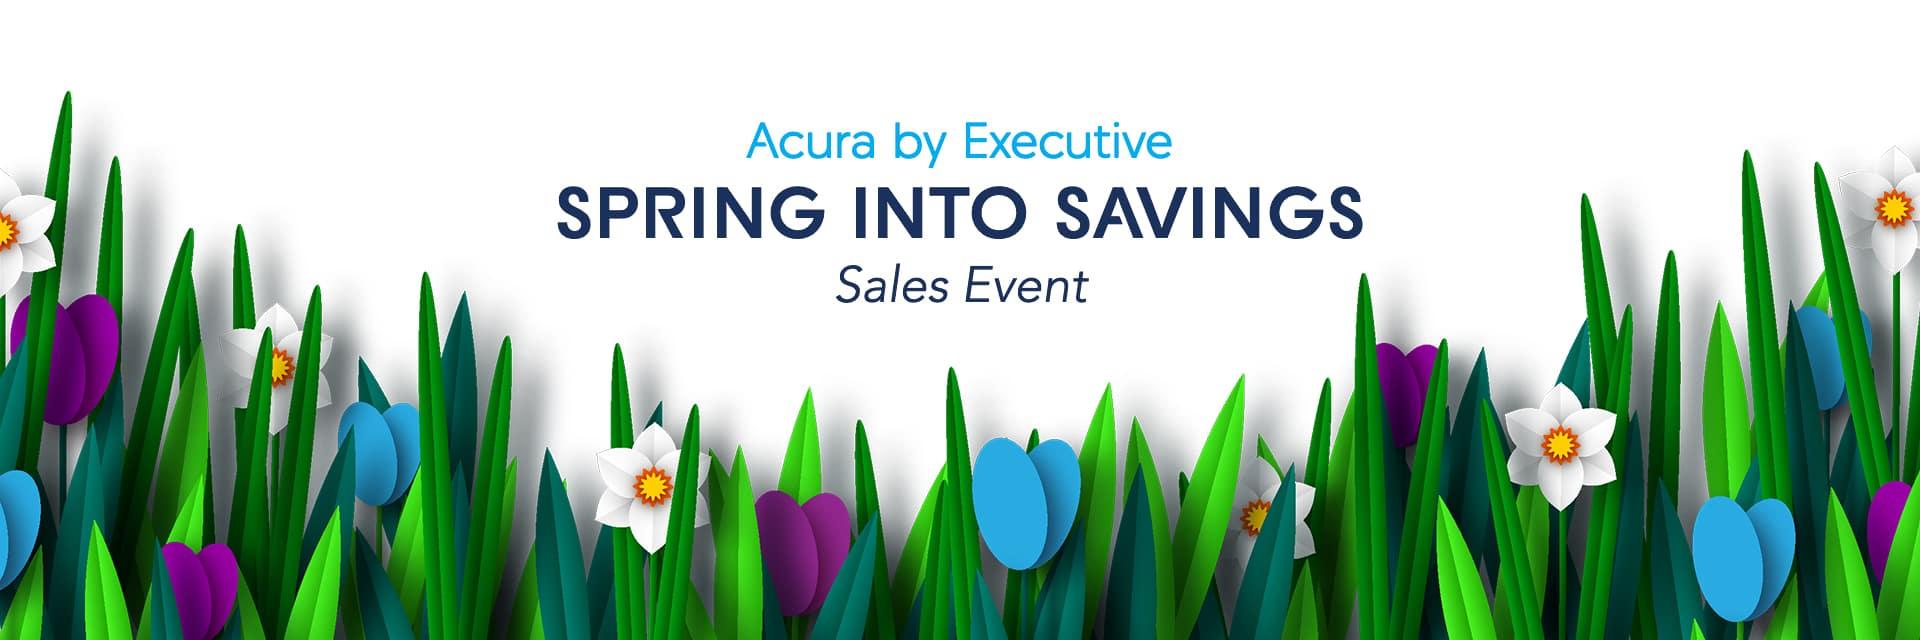 ABE_Spring-Into-Savings